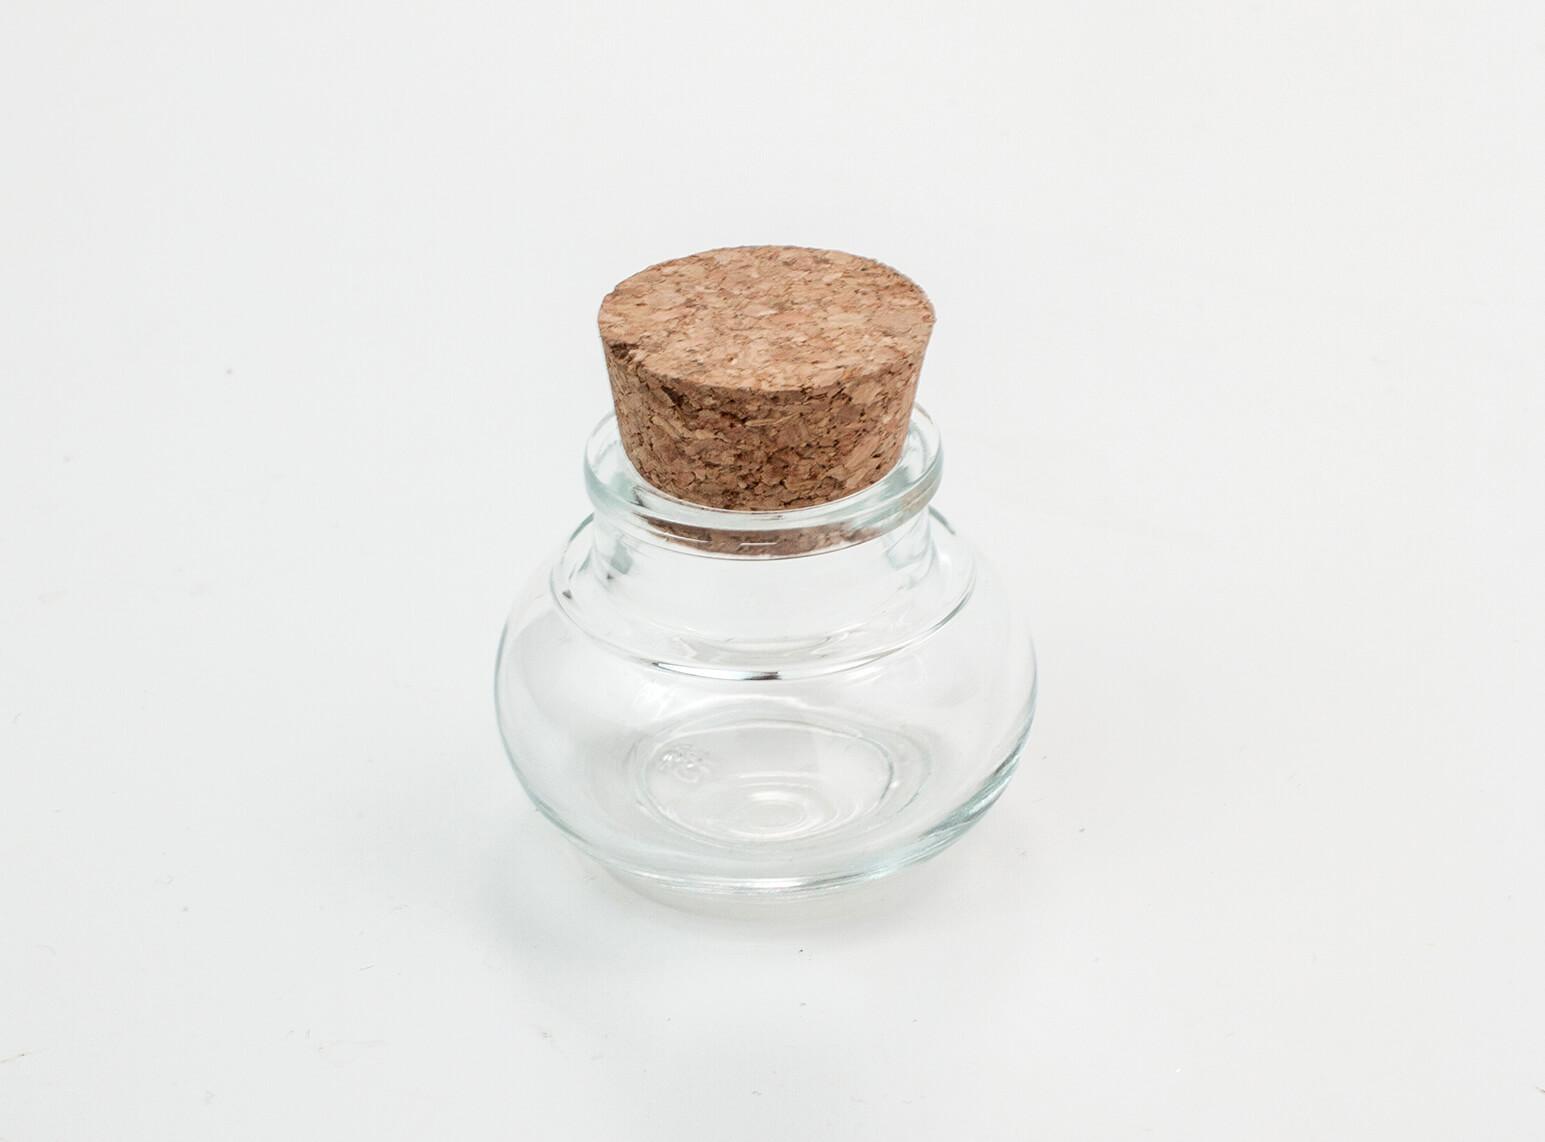 Gastgeschenk Korkenglas / Glas Hochzeit / Geschenk / Gefäß